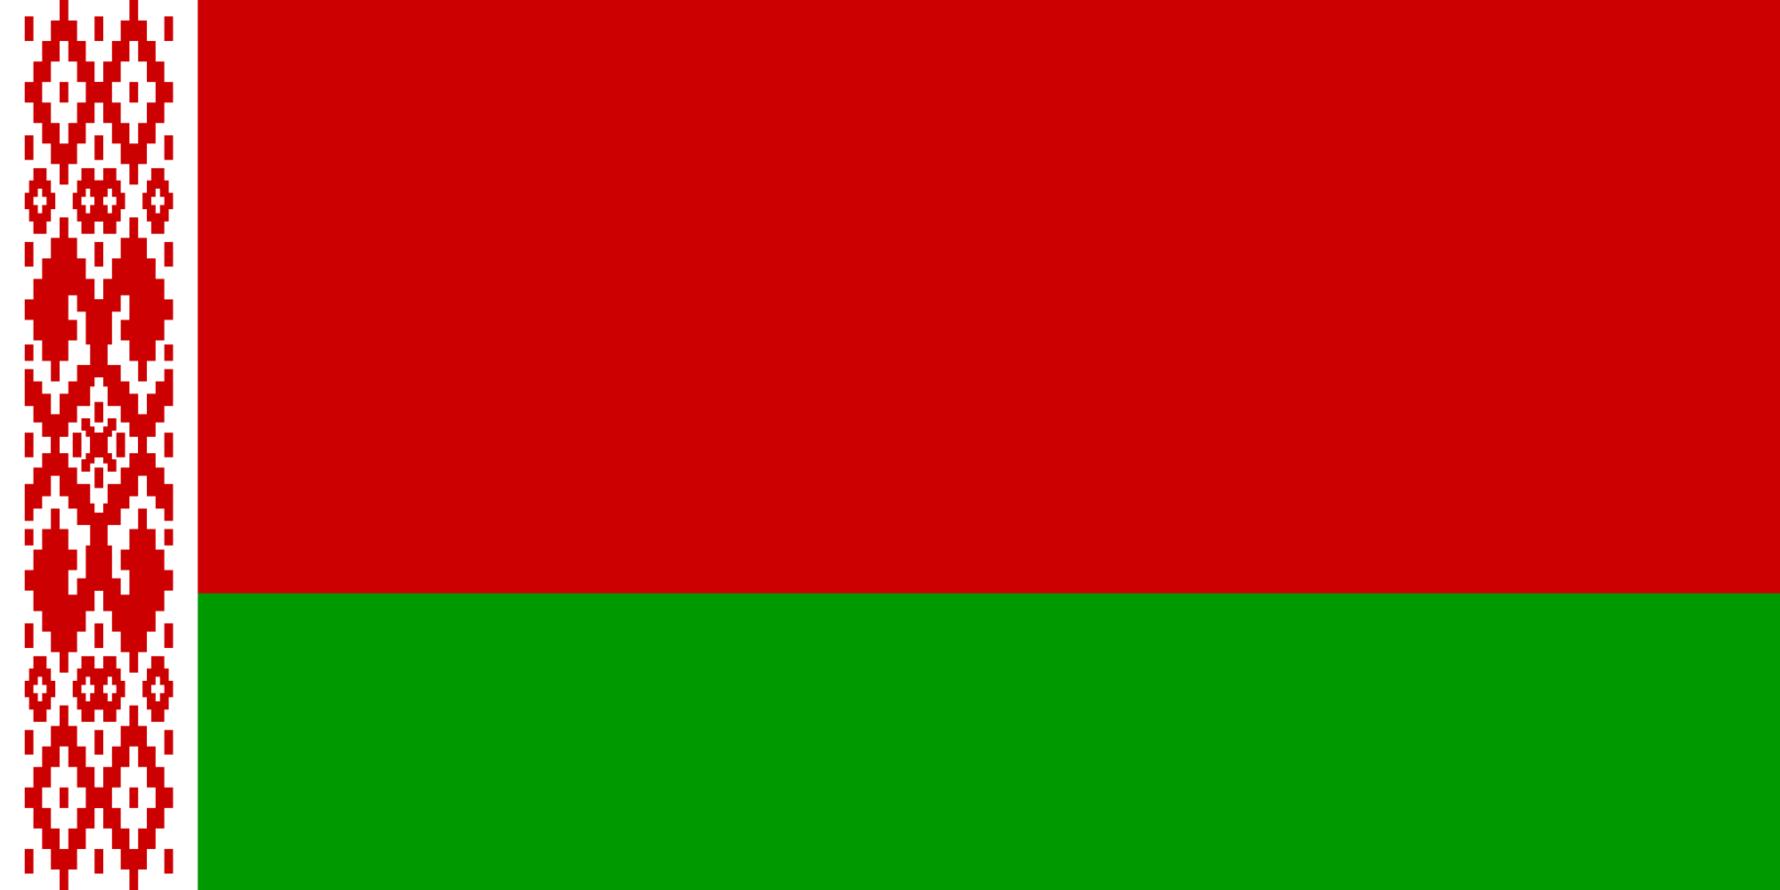 La Bielorussia sfida il CIO: presentate le divise per Tokyo